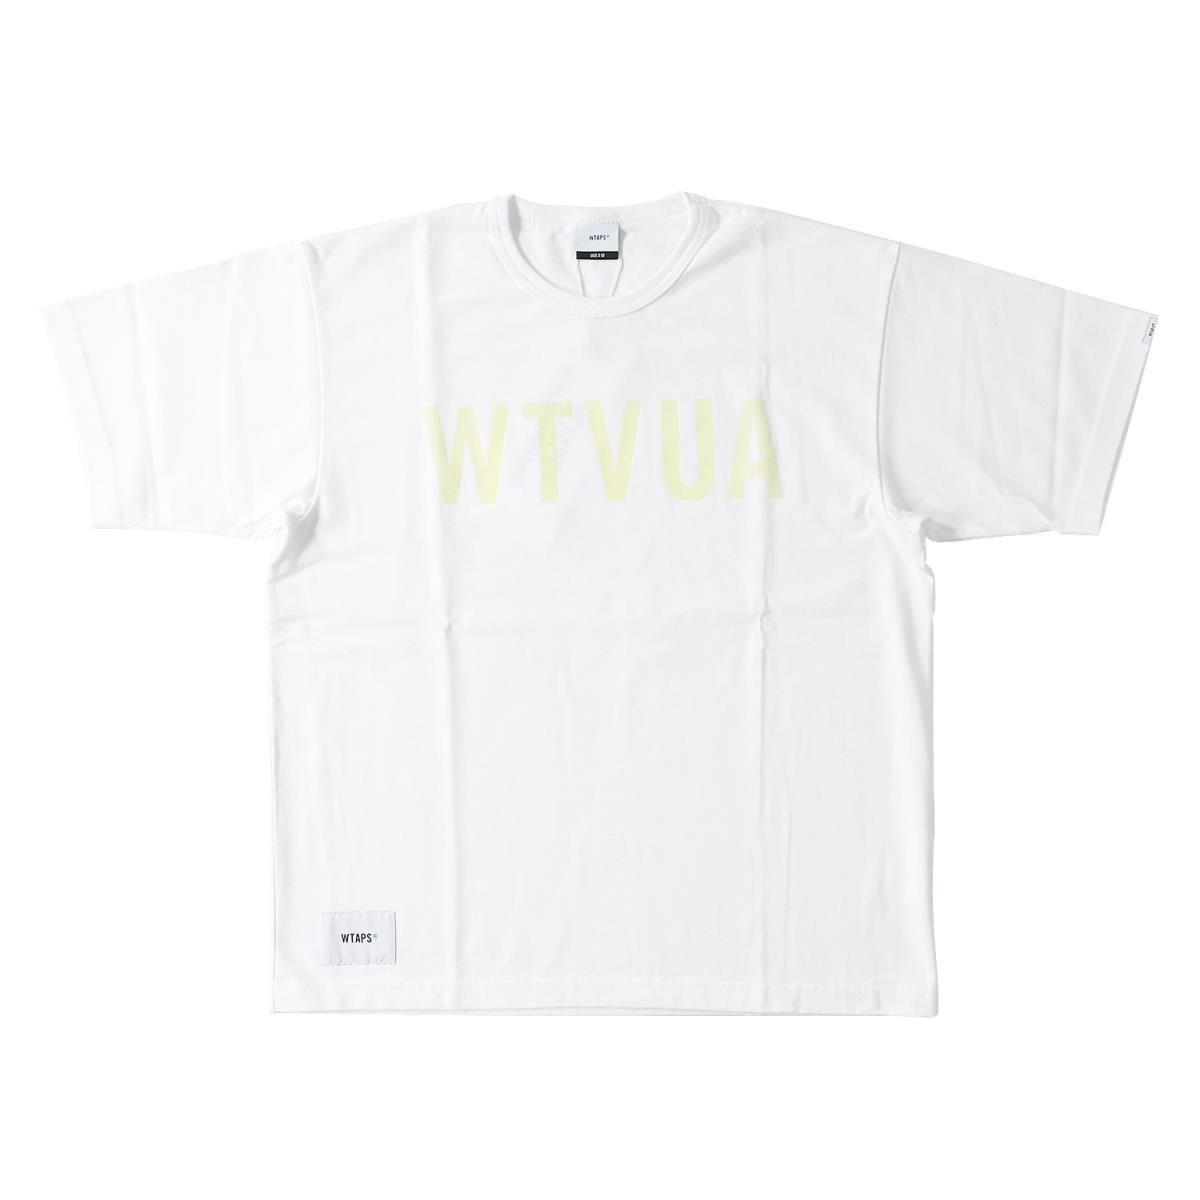 WTAPS (ダブルタップス) 18S/S ラバープリントWTVUAロゴヘビーTシャツ(DESIGN SS WTVUA) ホワイト M 【メンズ】【K2059】【あす楽☆対応可】